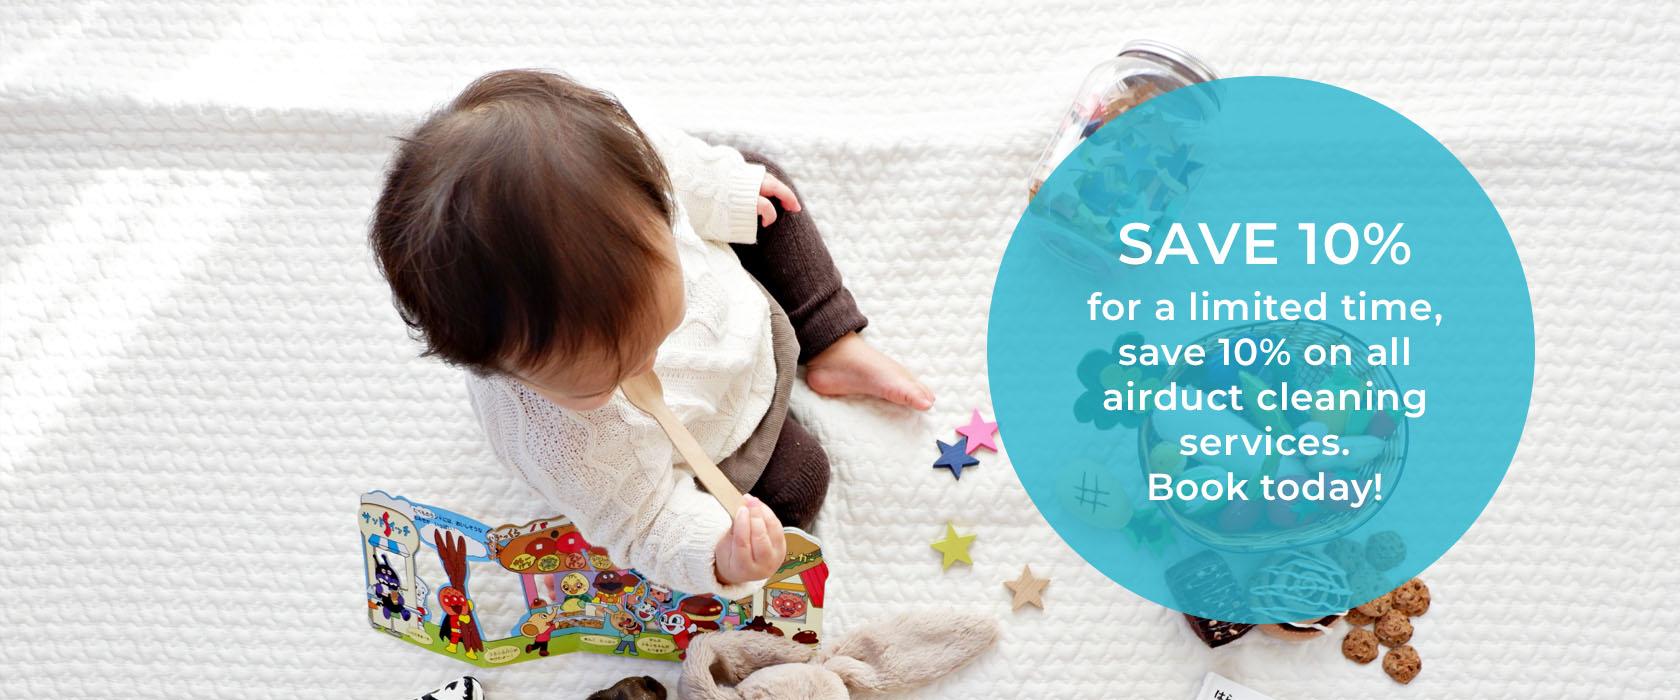 Sears Coupon Save